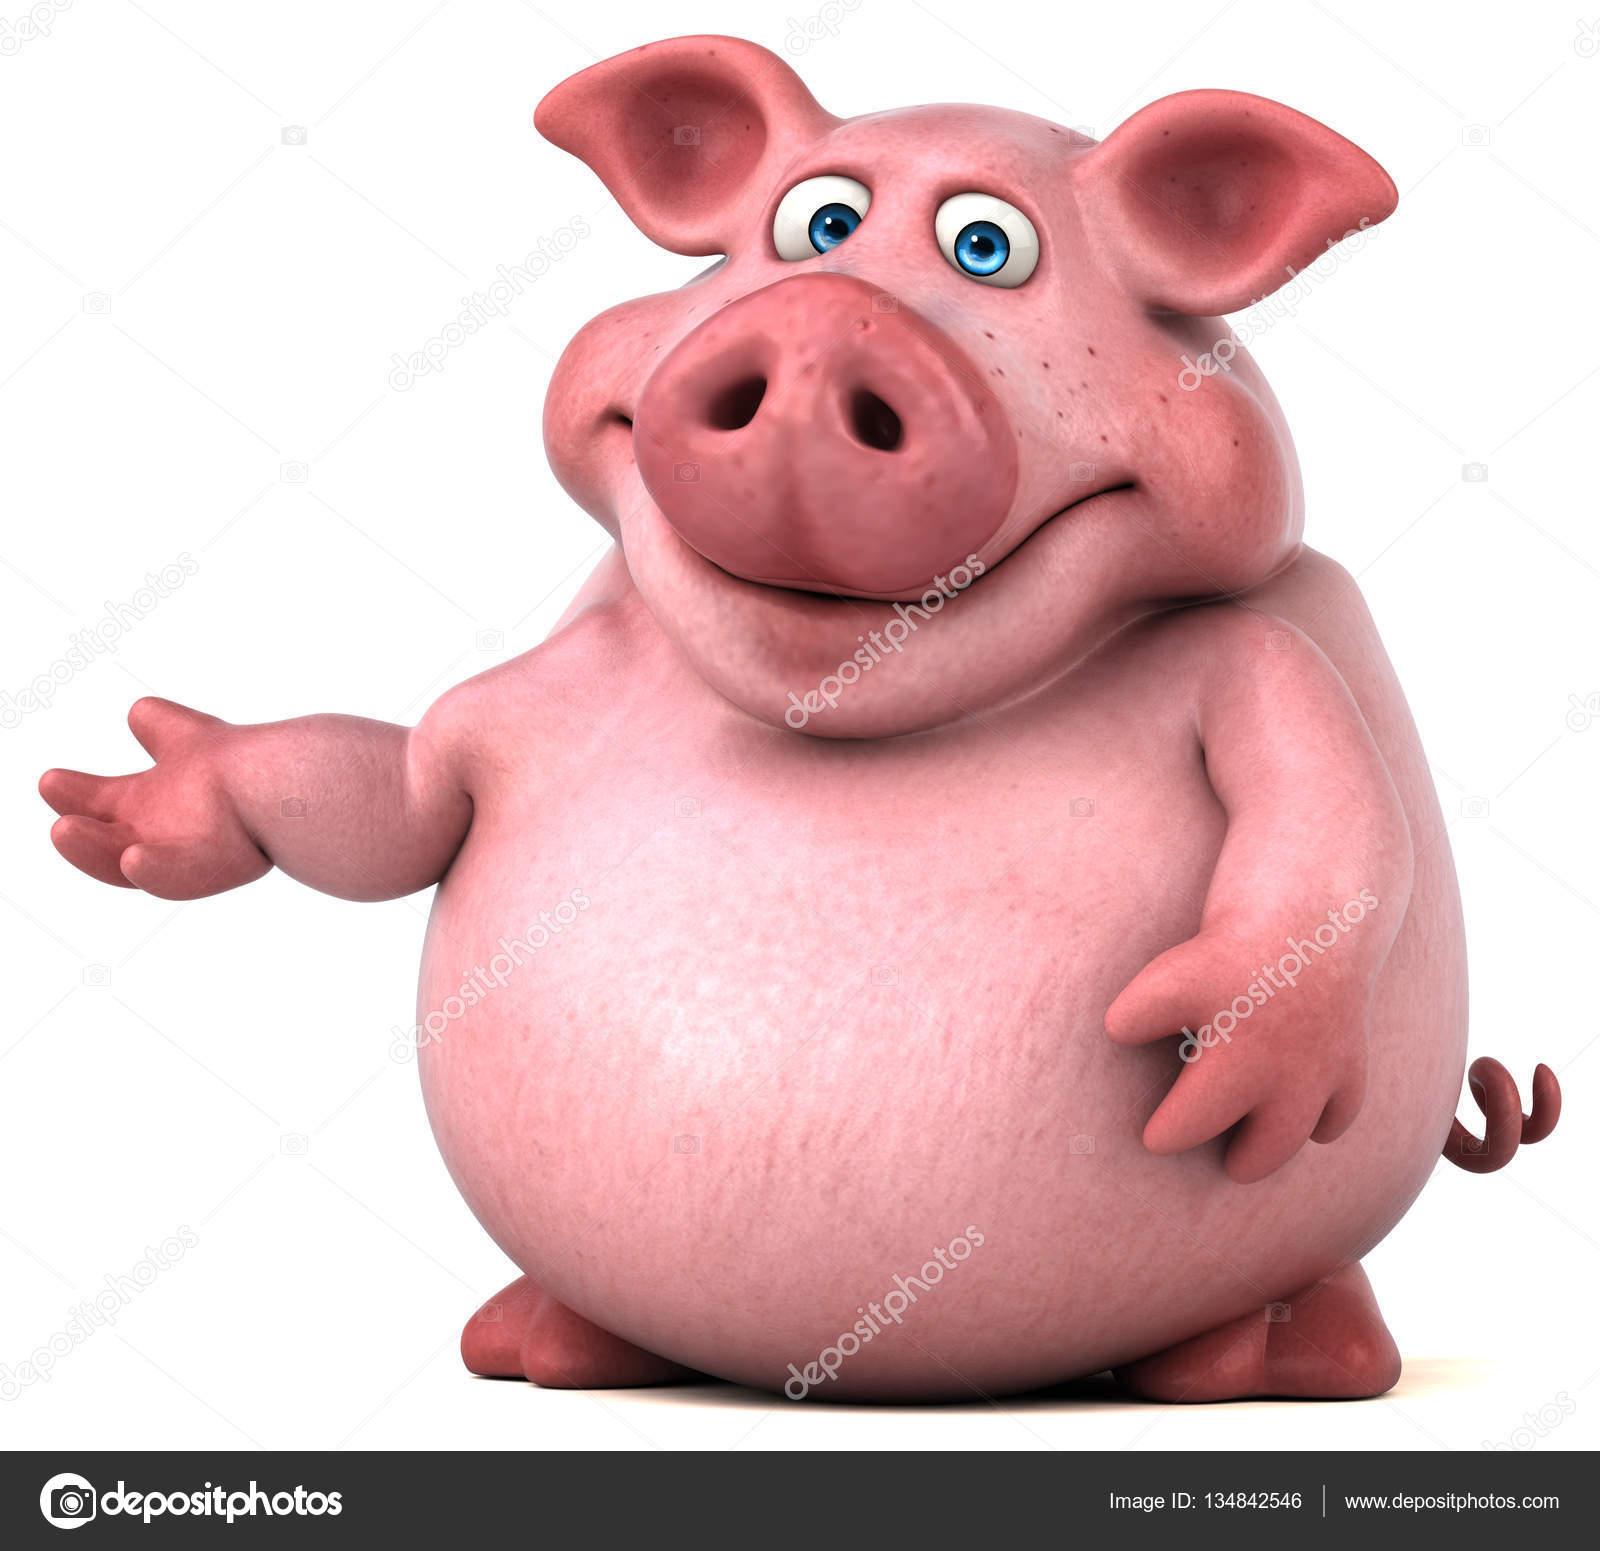 Photos De Cochon Amusant Images De Cochon Amusant Depositphotos